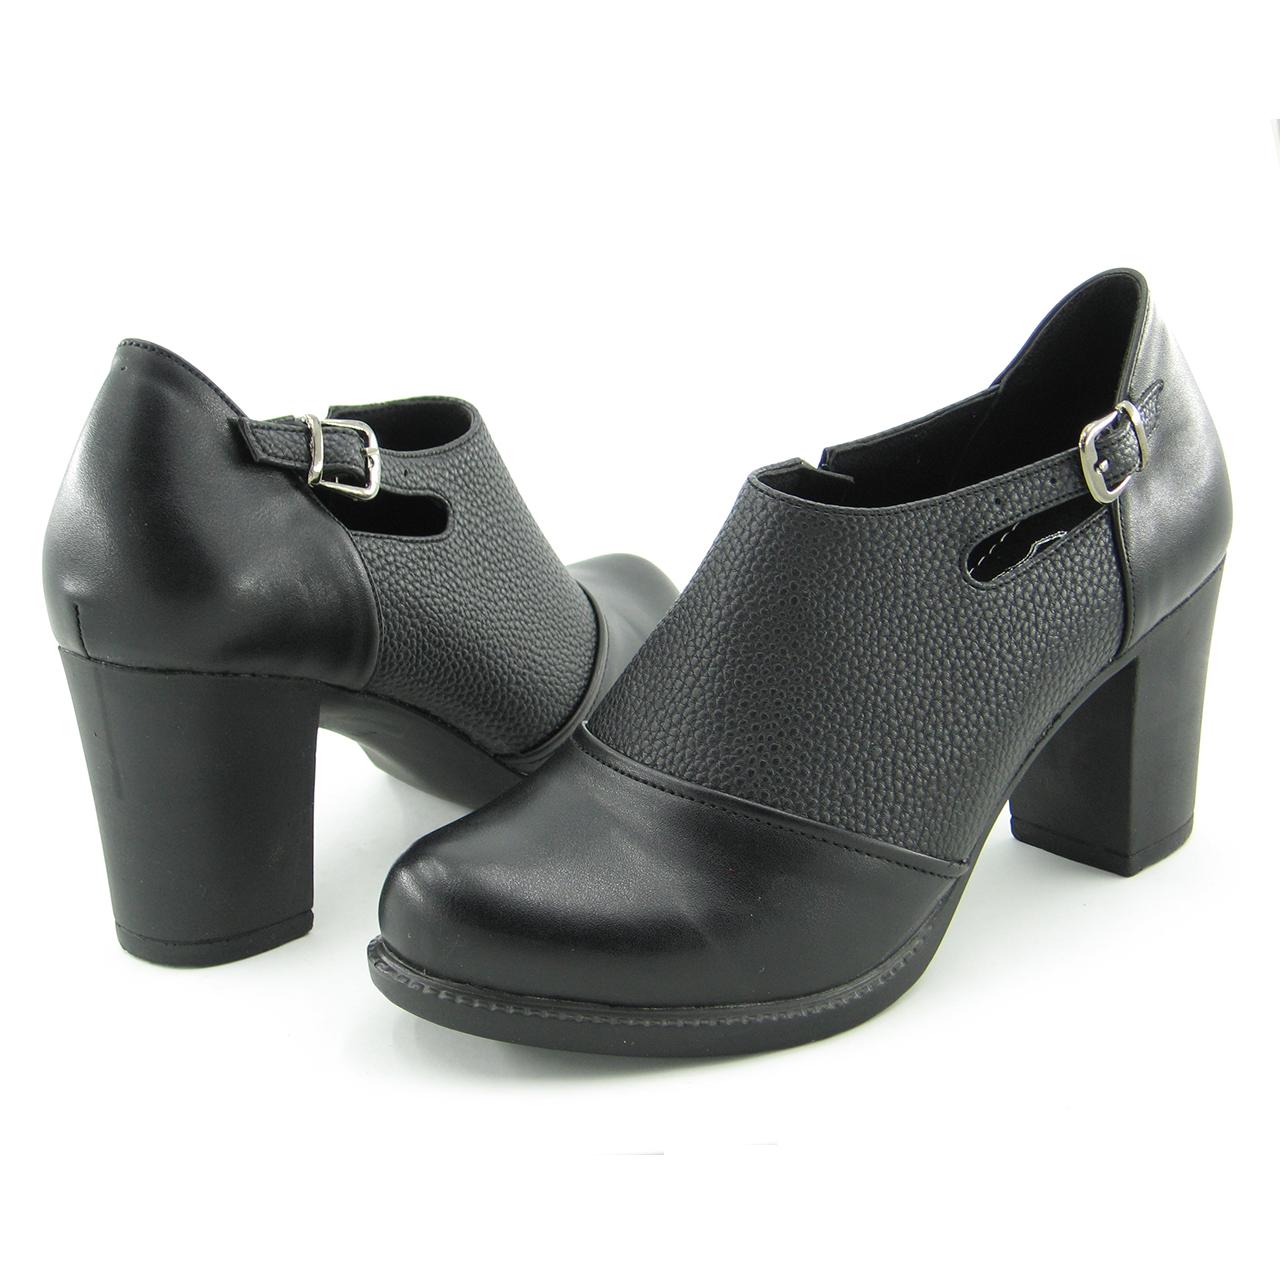 کفش زنانه مدل سانسا کد 01 -  - 8